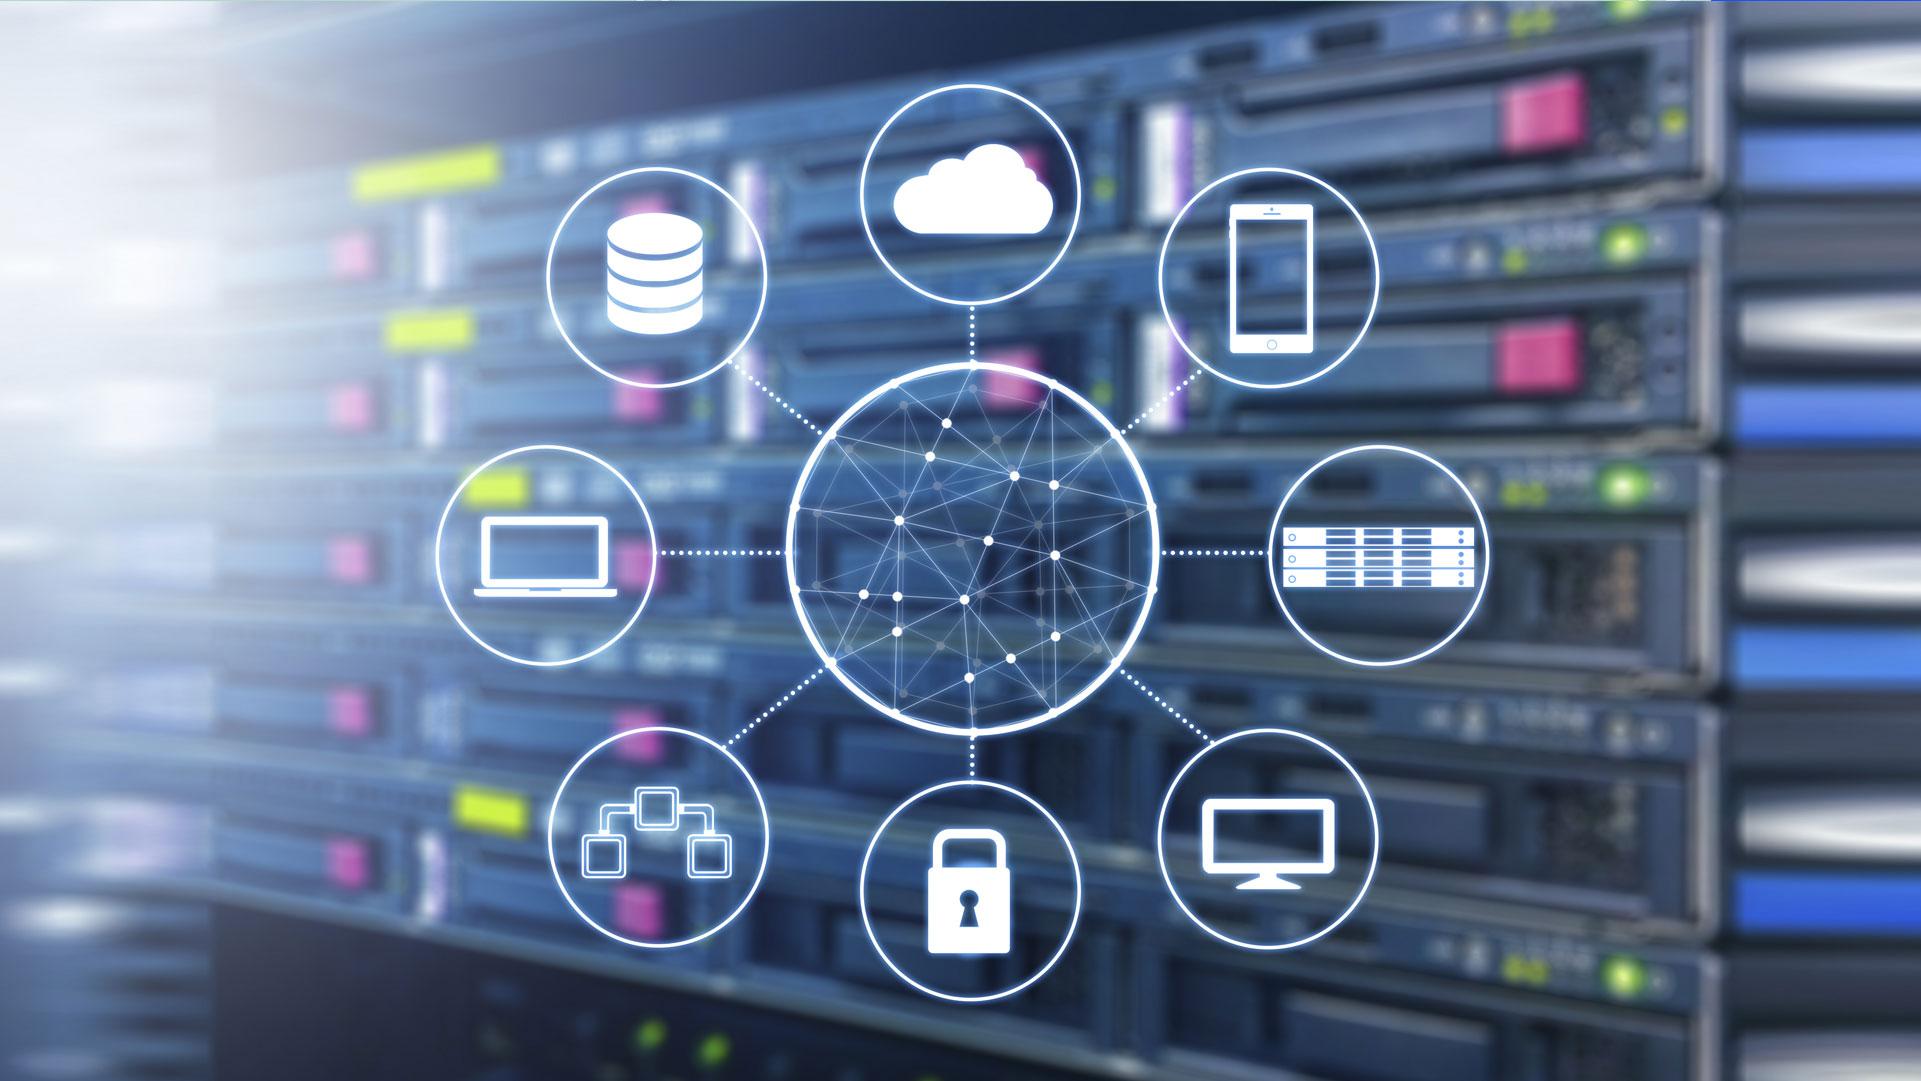 Il nuovo data center che abilita il business | ZeroUno